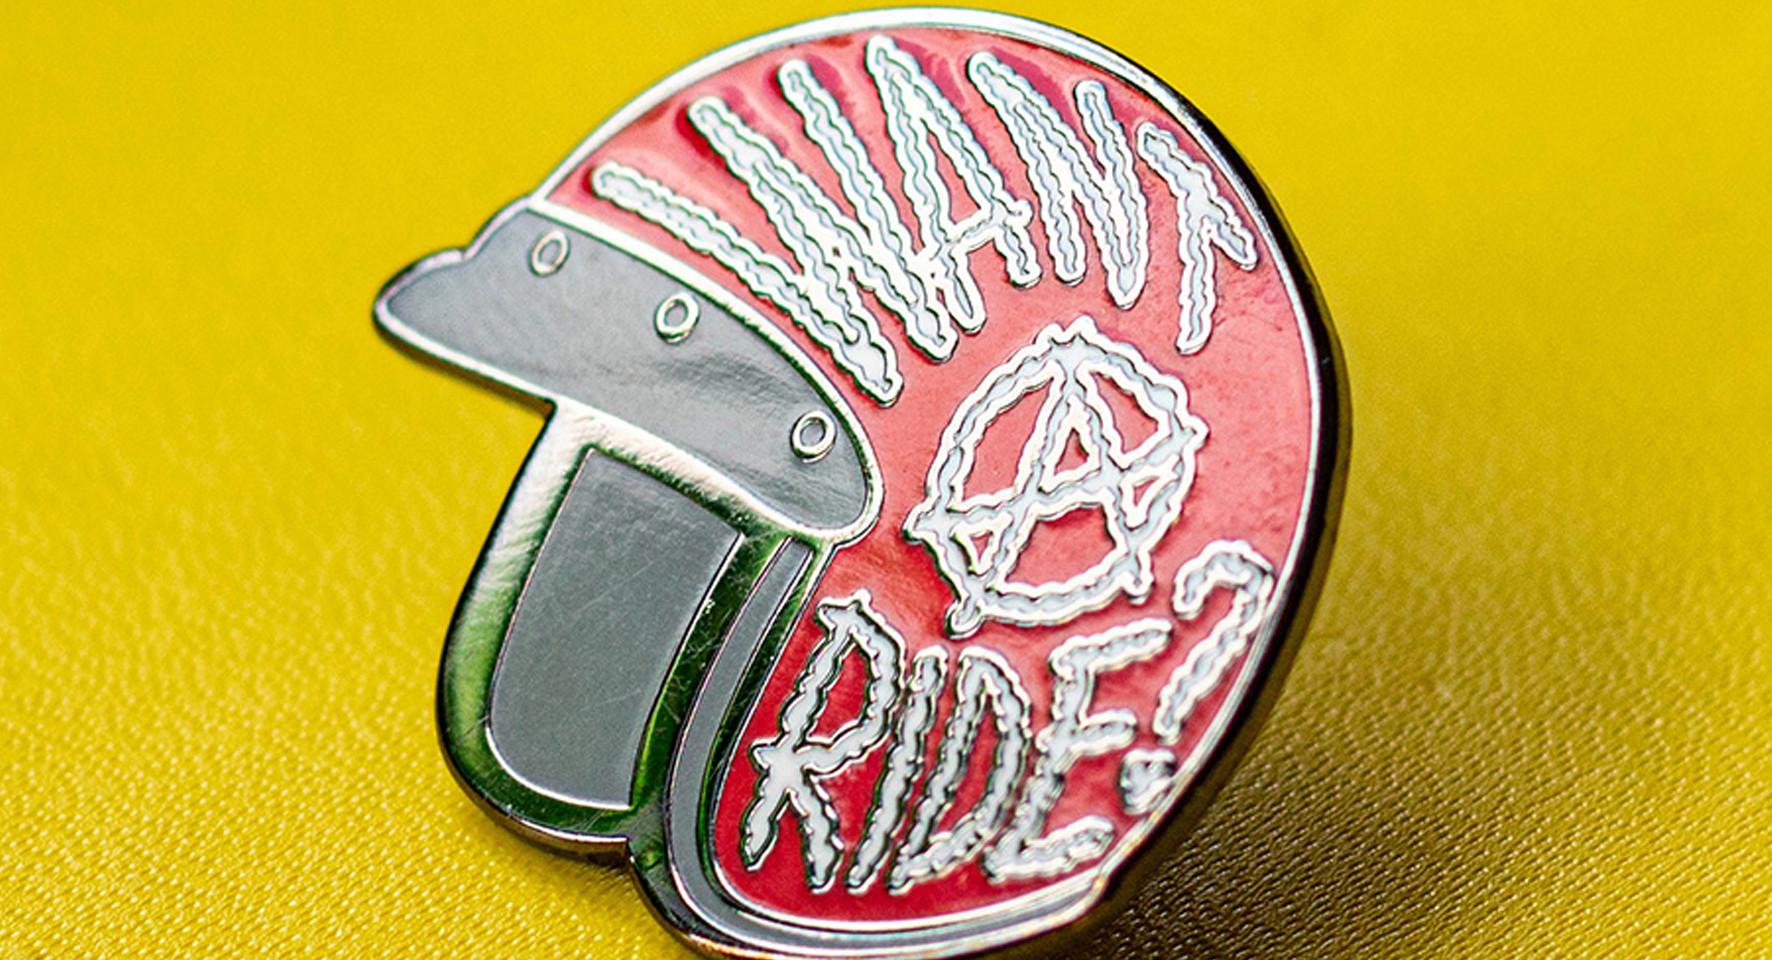 Herald Motor co. enamel pin